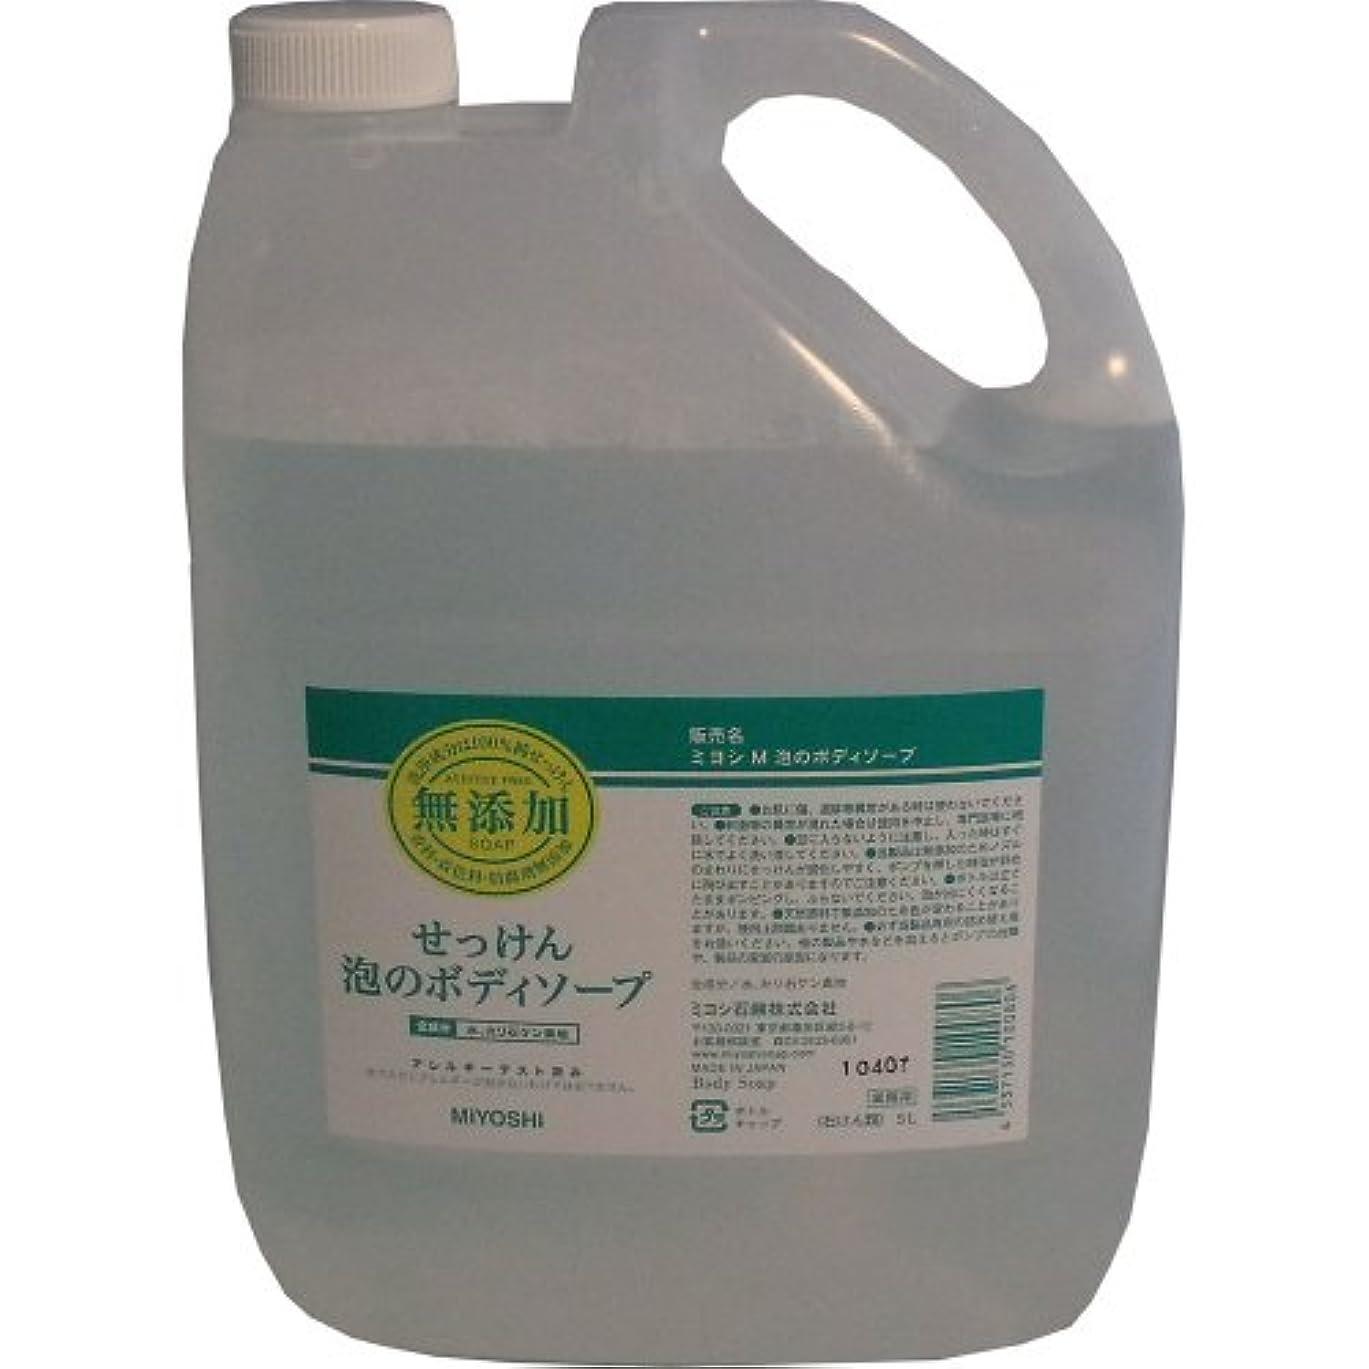 ベルベットマーベル目指すミヨシ石鹸無添加せっけん 泡のボディソープ 5L×4個セット 取り寄せ商品のため7-10日かかります